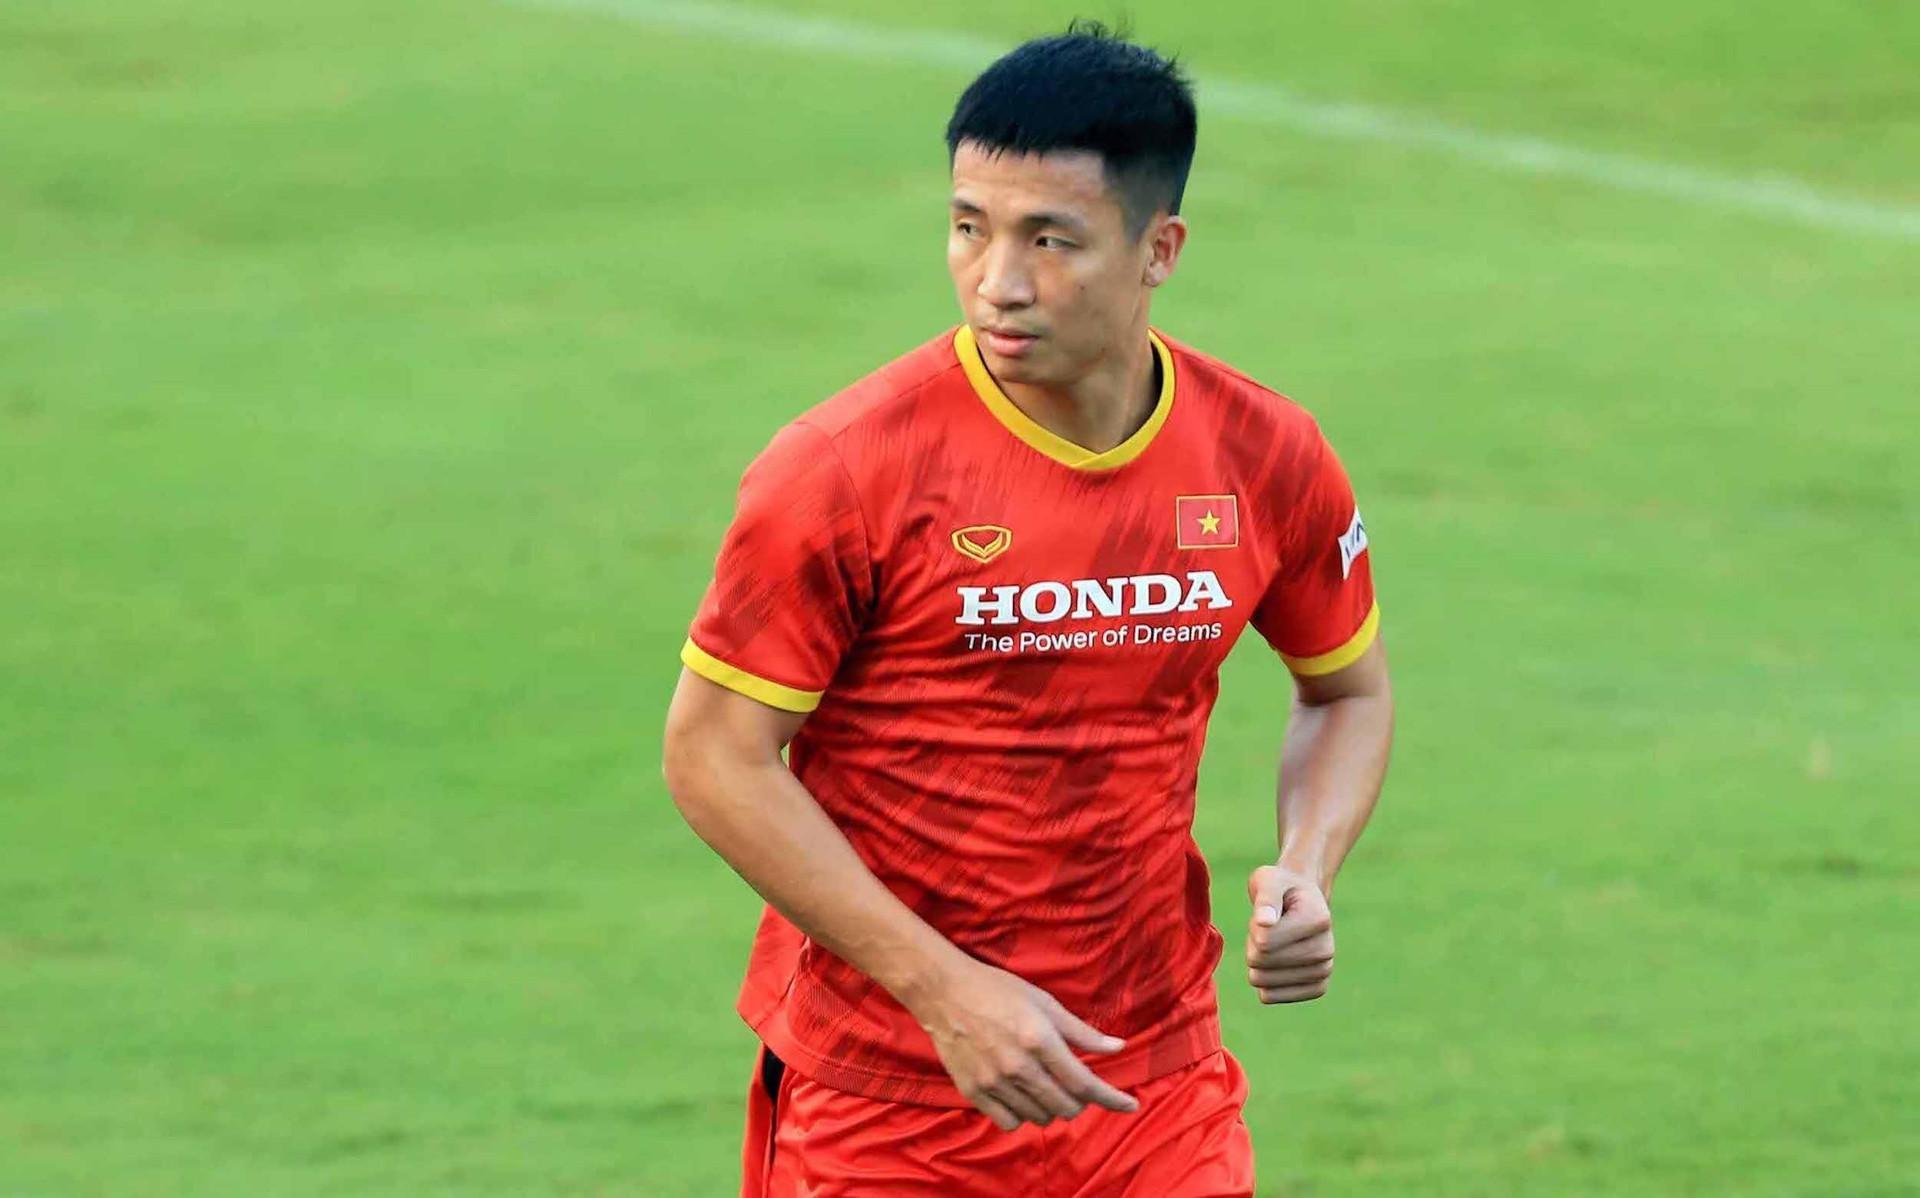 Bùi Tiến Dũng: 'Tuyển Việt Nam nằm bảng đấu khó ở AFF Cup 2020' - 1